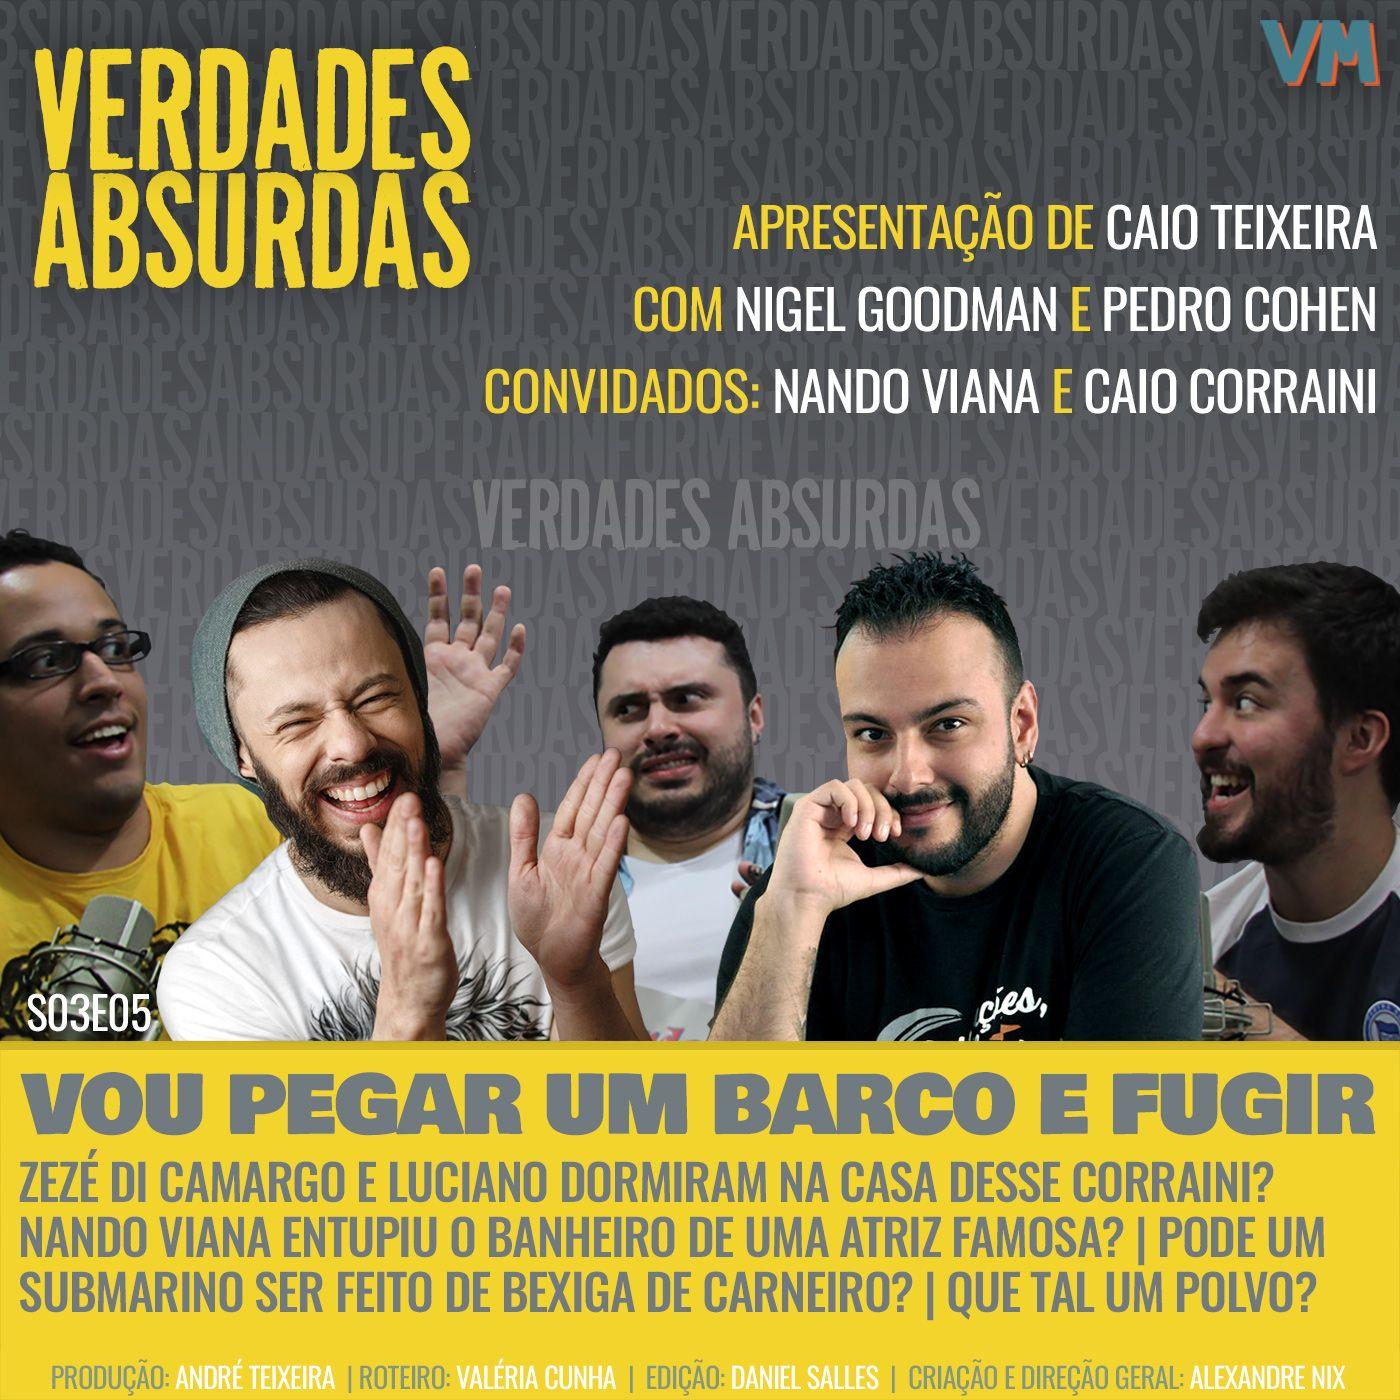 S03E05 - Com Caio Corraini e Nando Viana